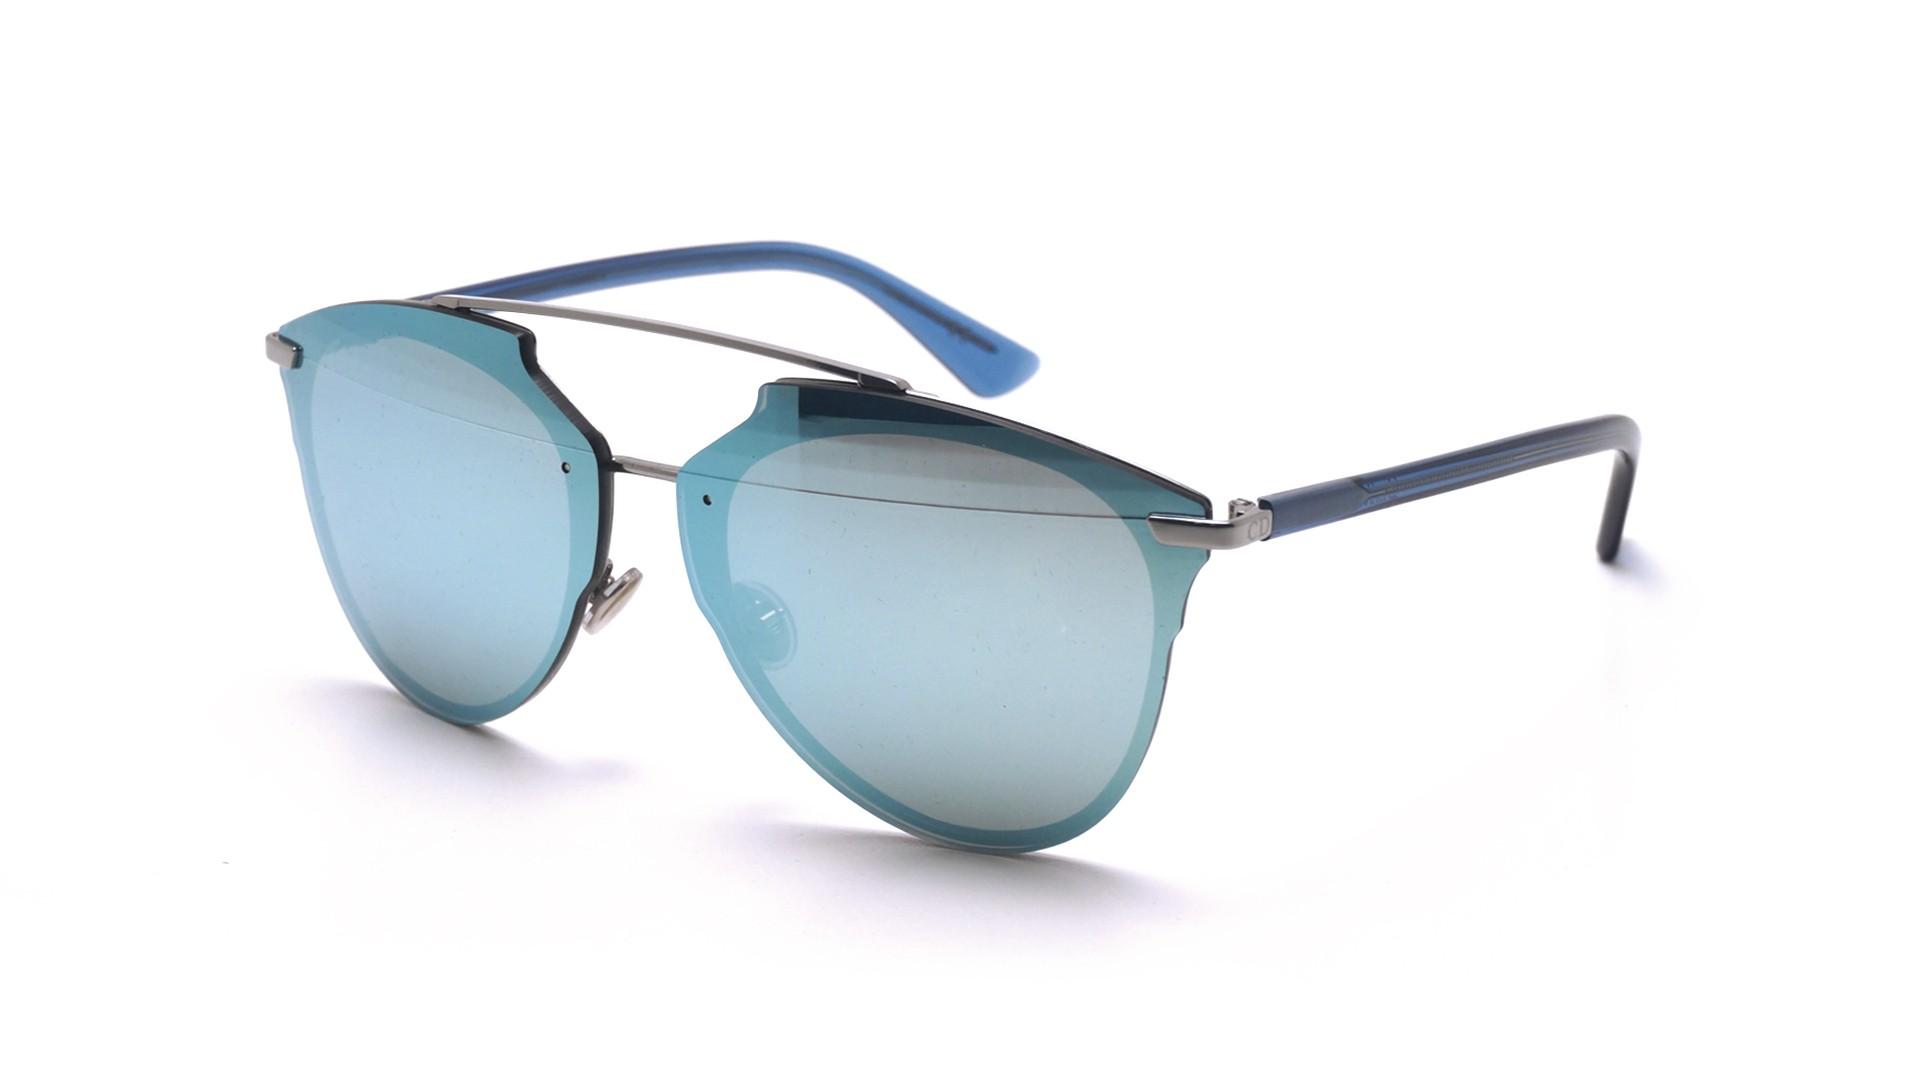 bcb458a9e Sunglasses Dior Reflected Prisme Silver REFLECTEDPRISME S62RQ 63-11 Large  Mirror